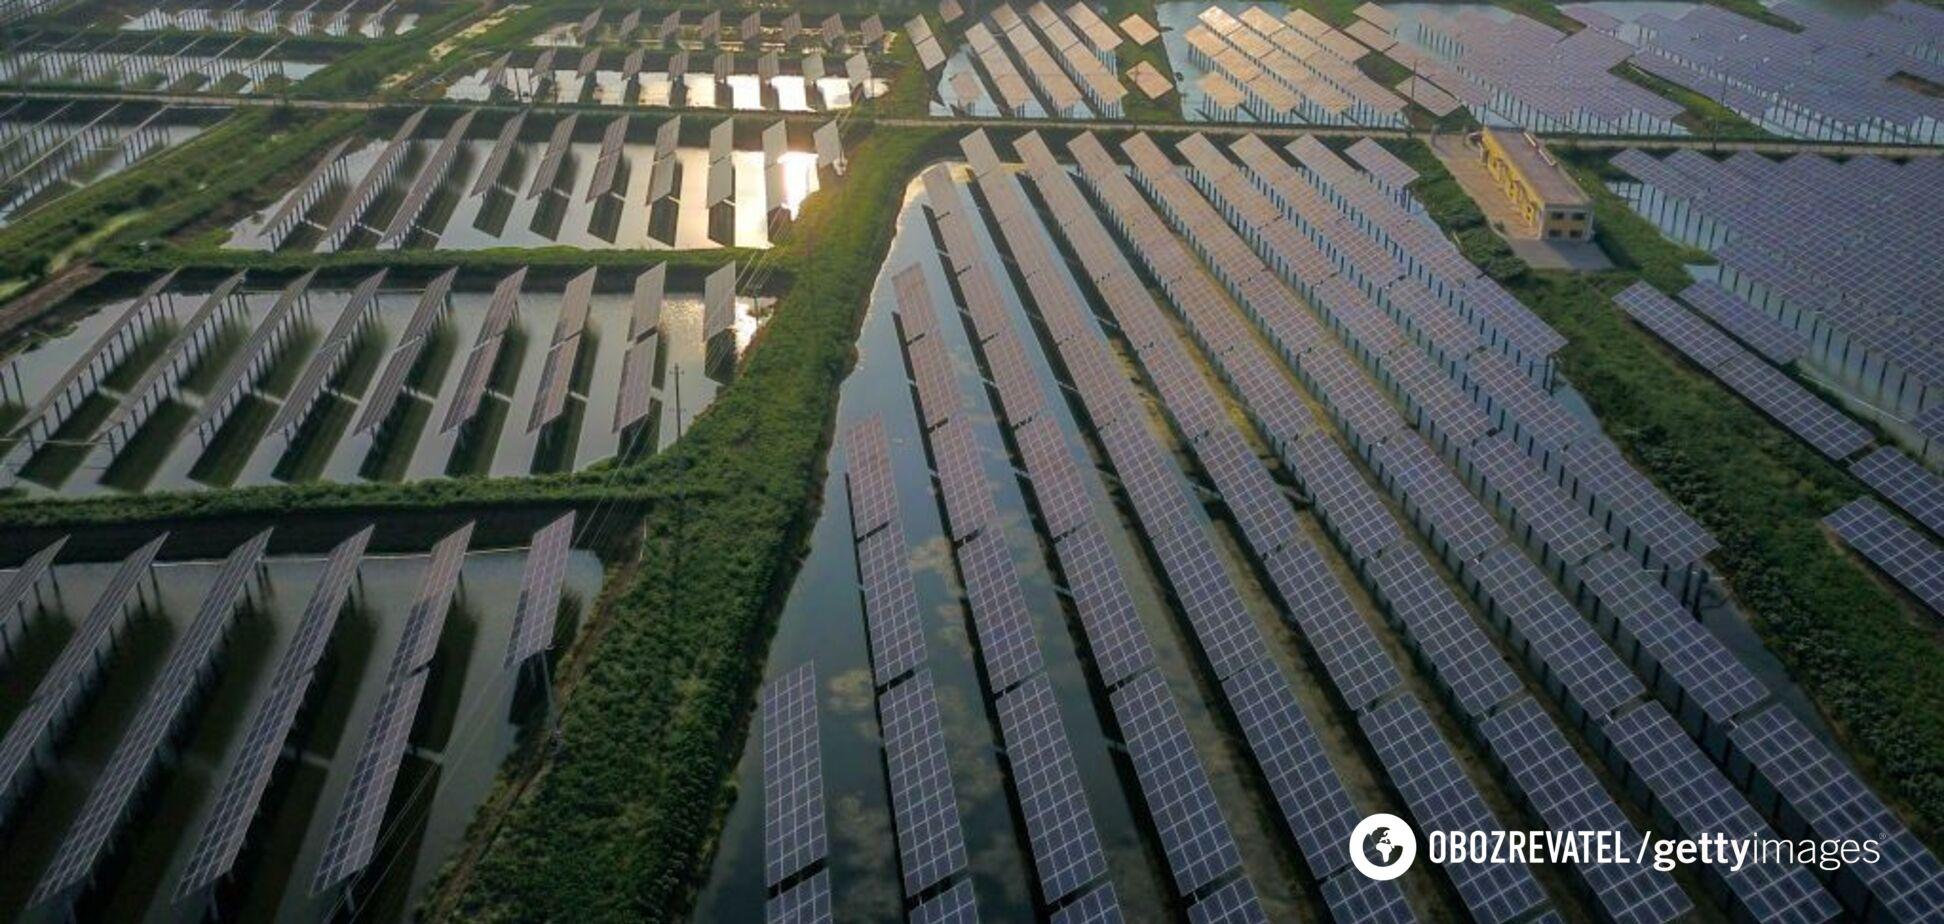 Інвестиції на сотні мільйонів: домогосподарства України почали переходити на сонячну енергію